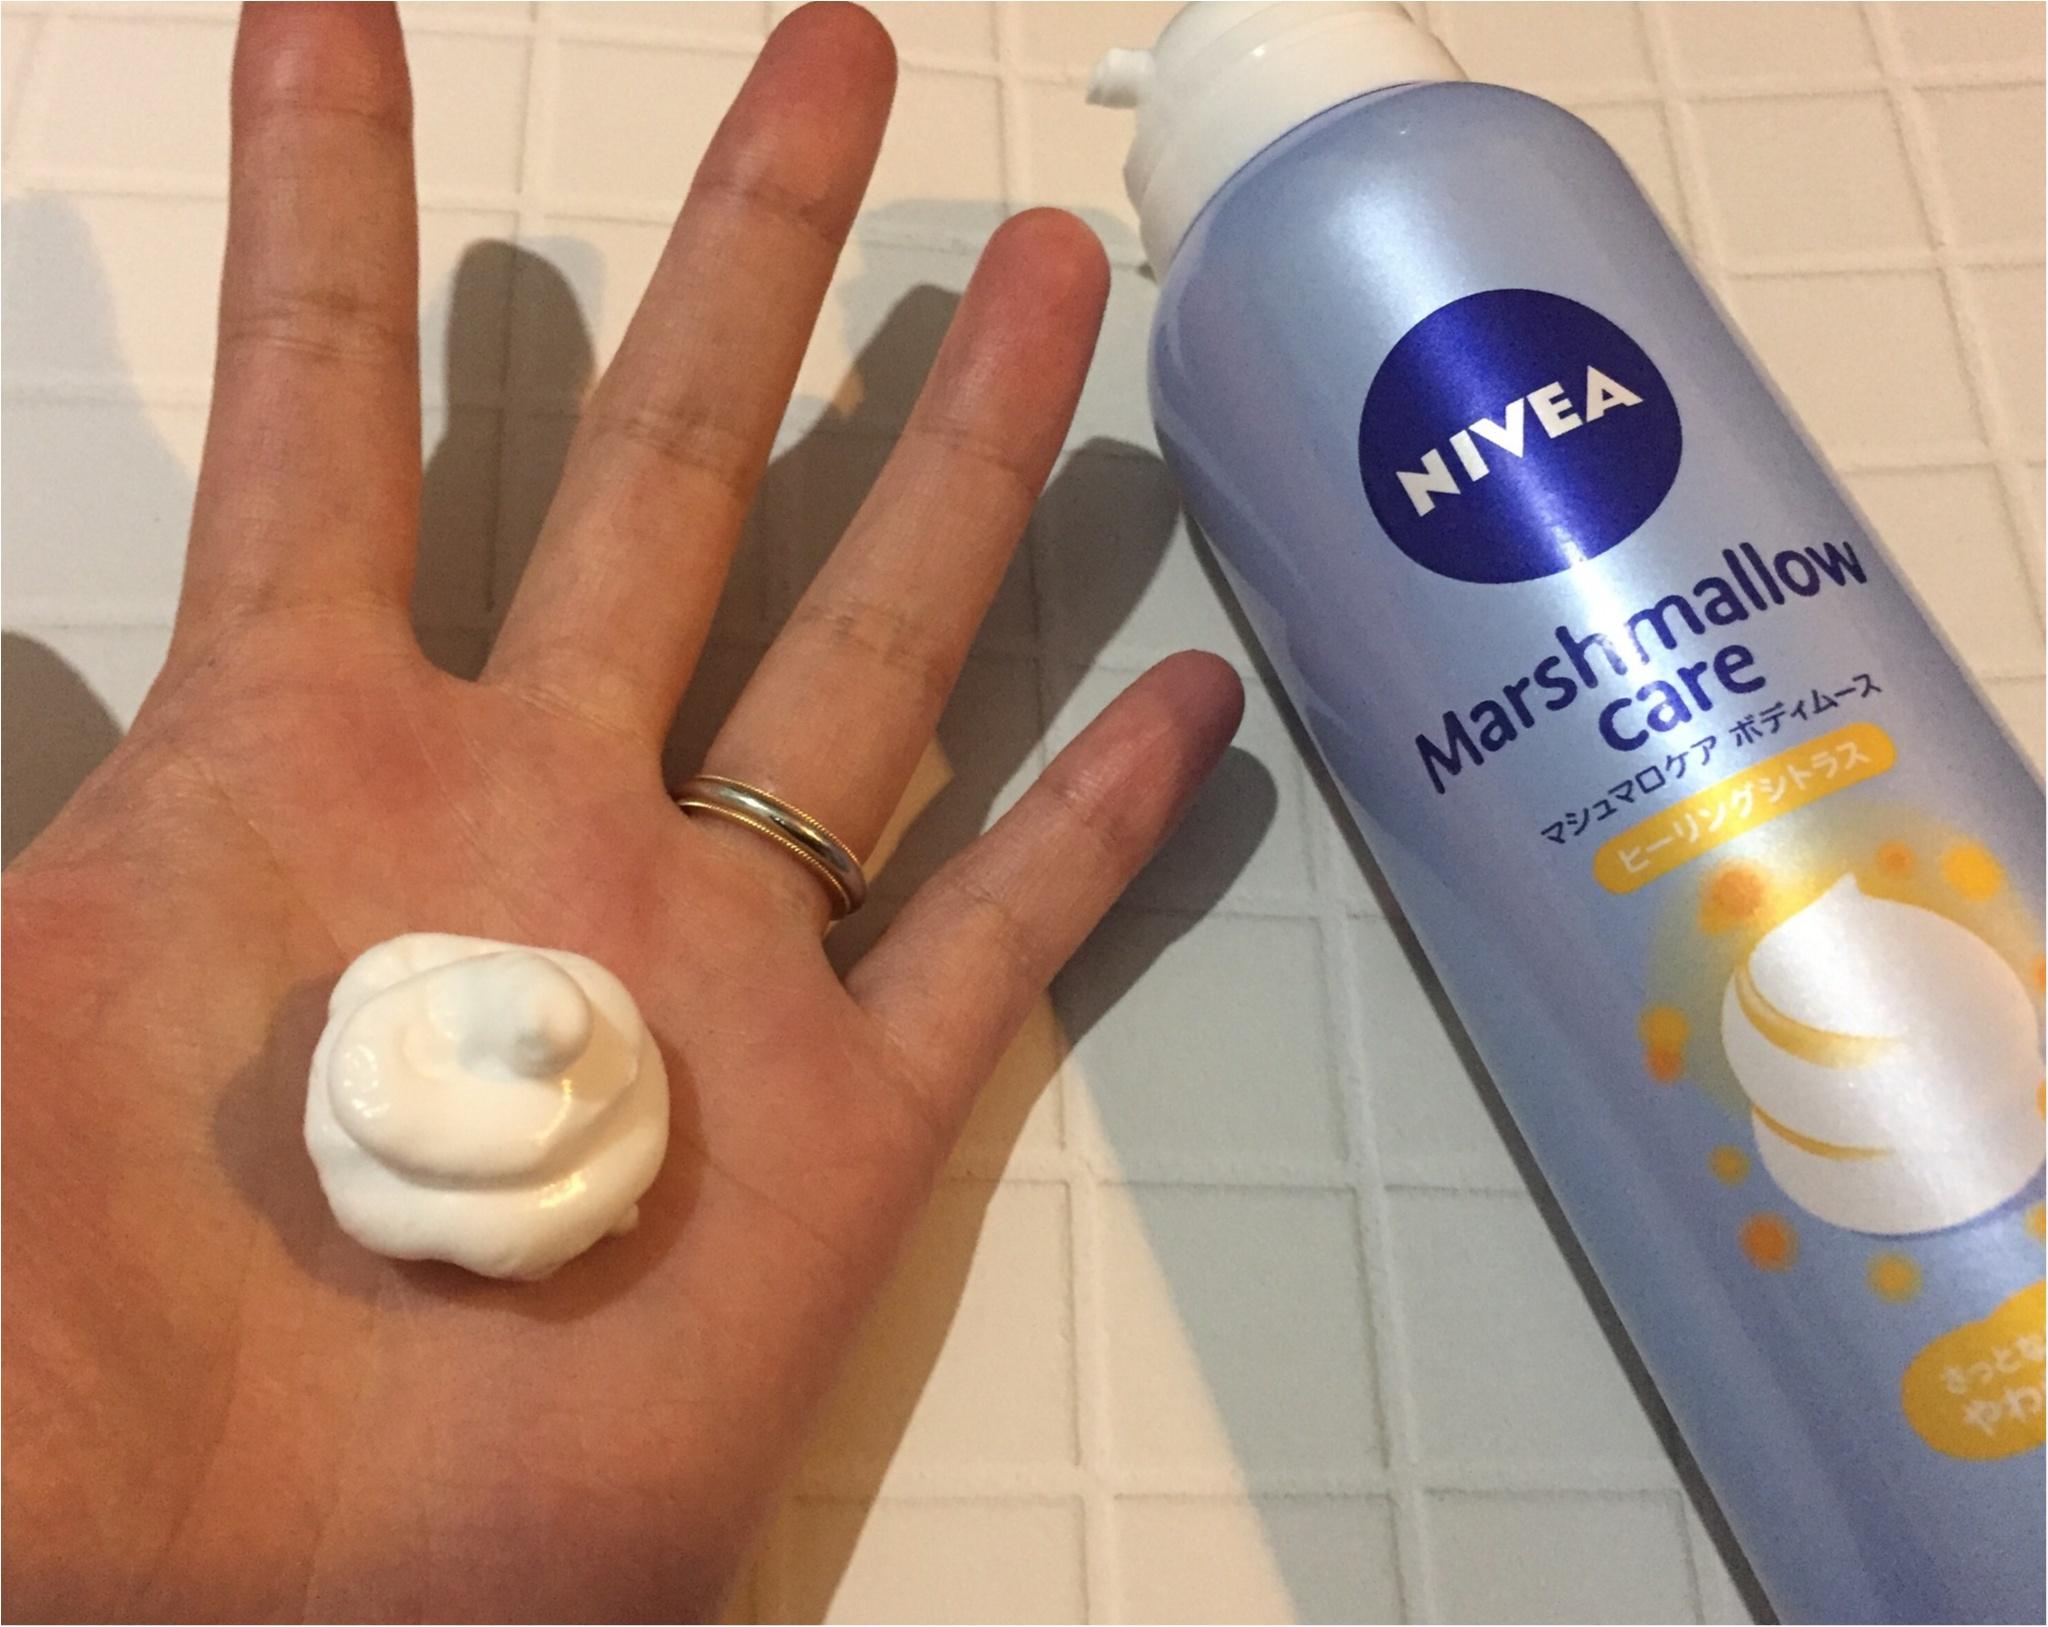 【ボディケア/おすすめ】乾燥が気になるこの季節...美容オイルの溶け込んだ泡でマシュマロ肌になっちゃいましょう❤︎_2